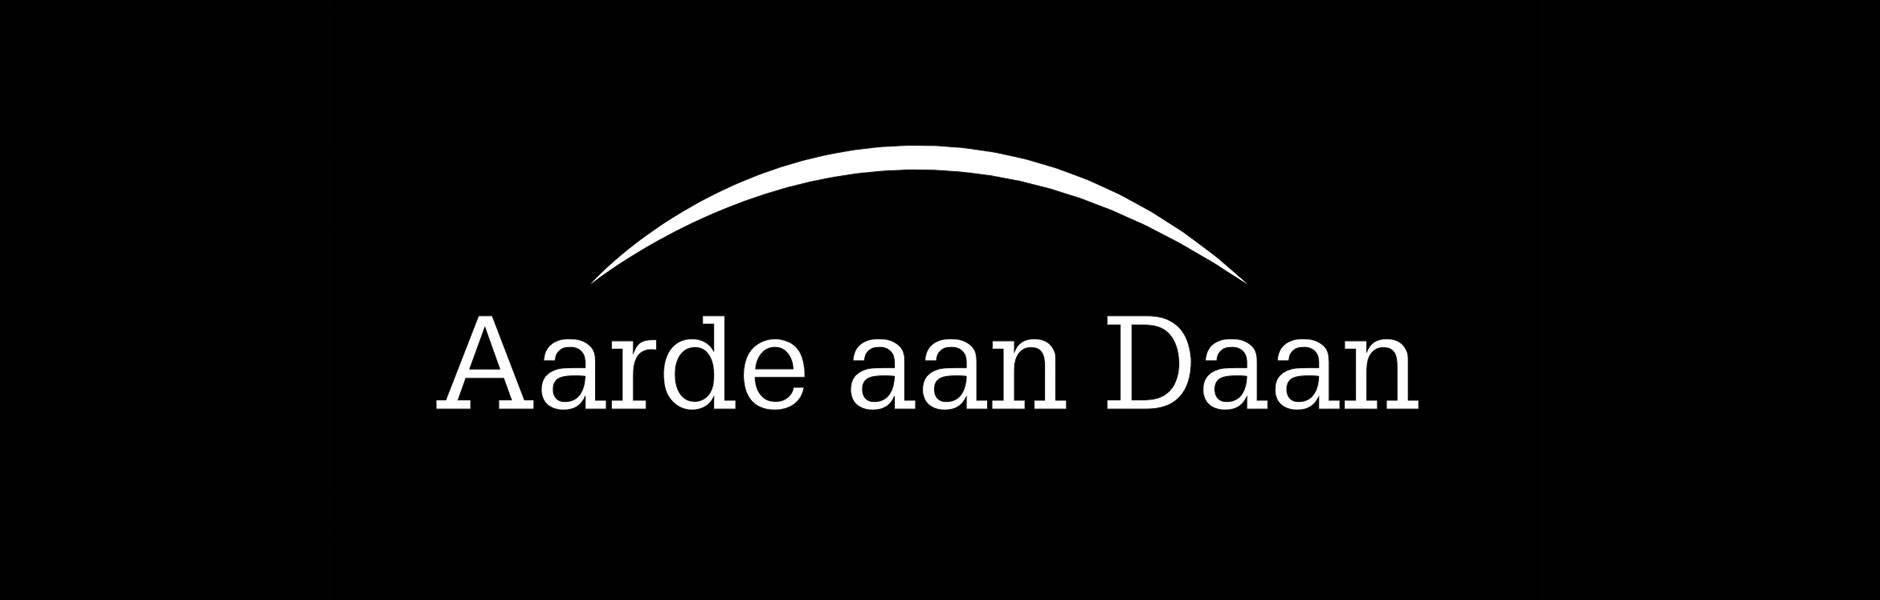 Aarde aan Daan